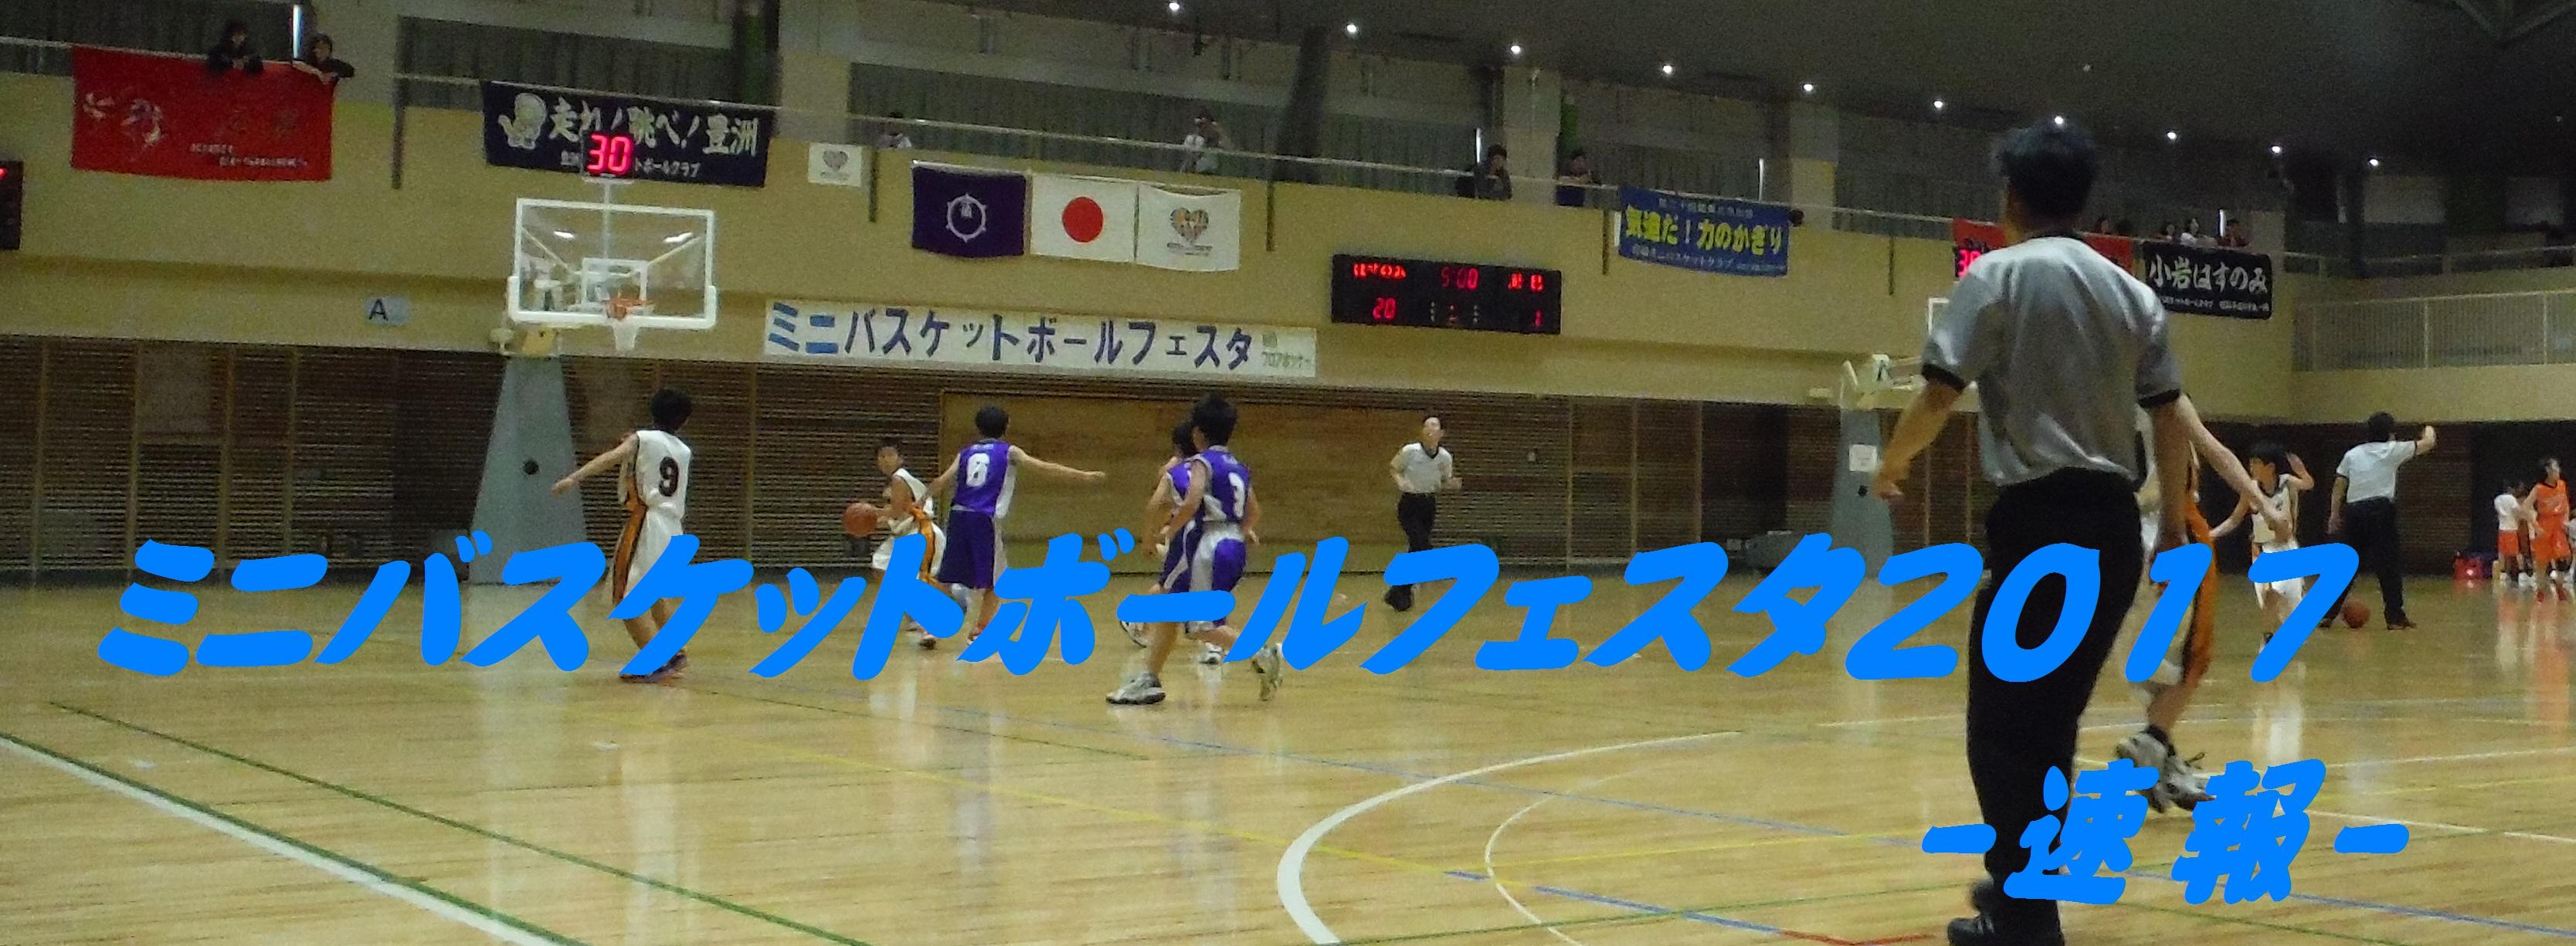 ミニバスケットボールフェスタ2017 速報!!